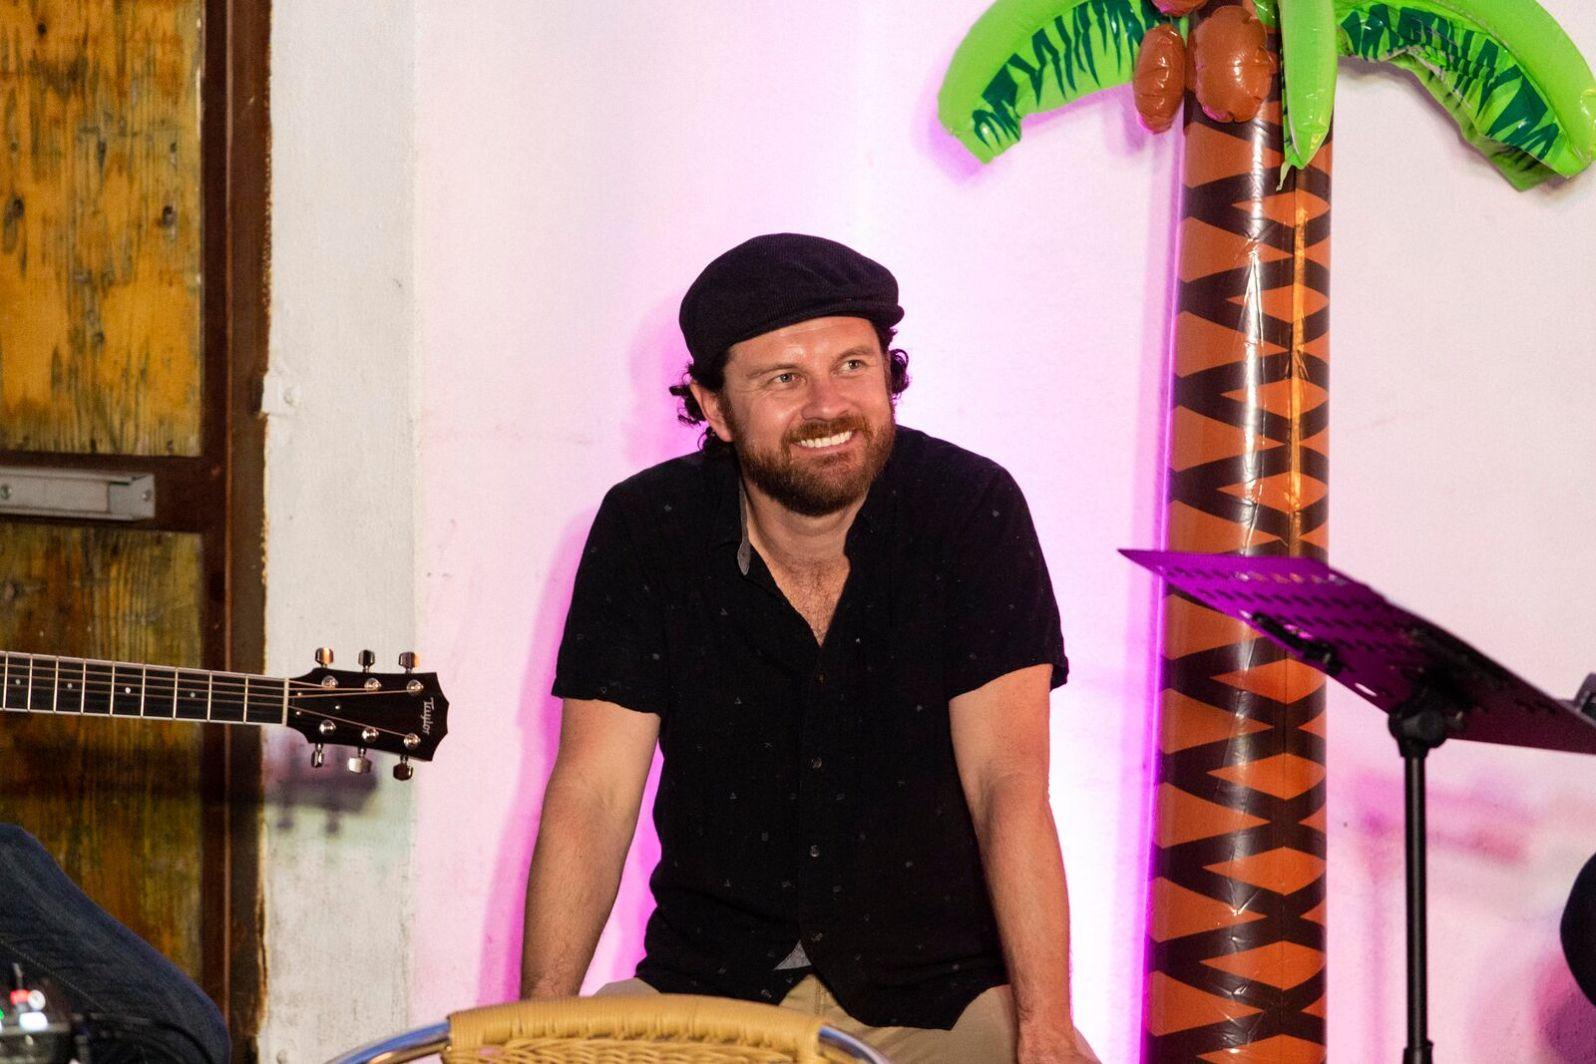 Band-leader Scott Wittenberg